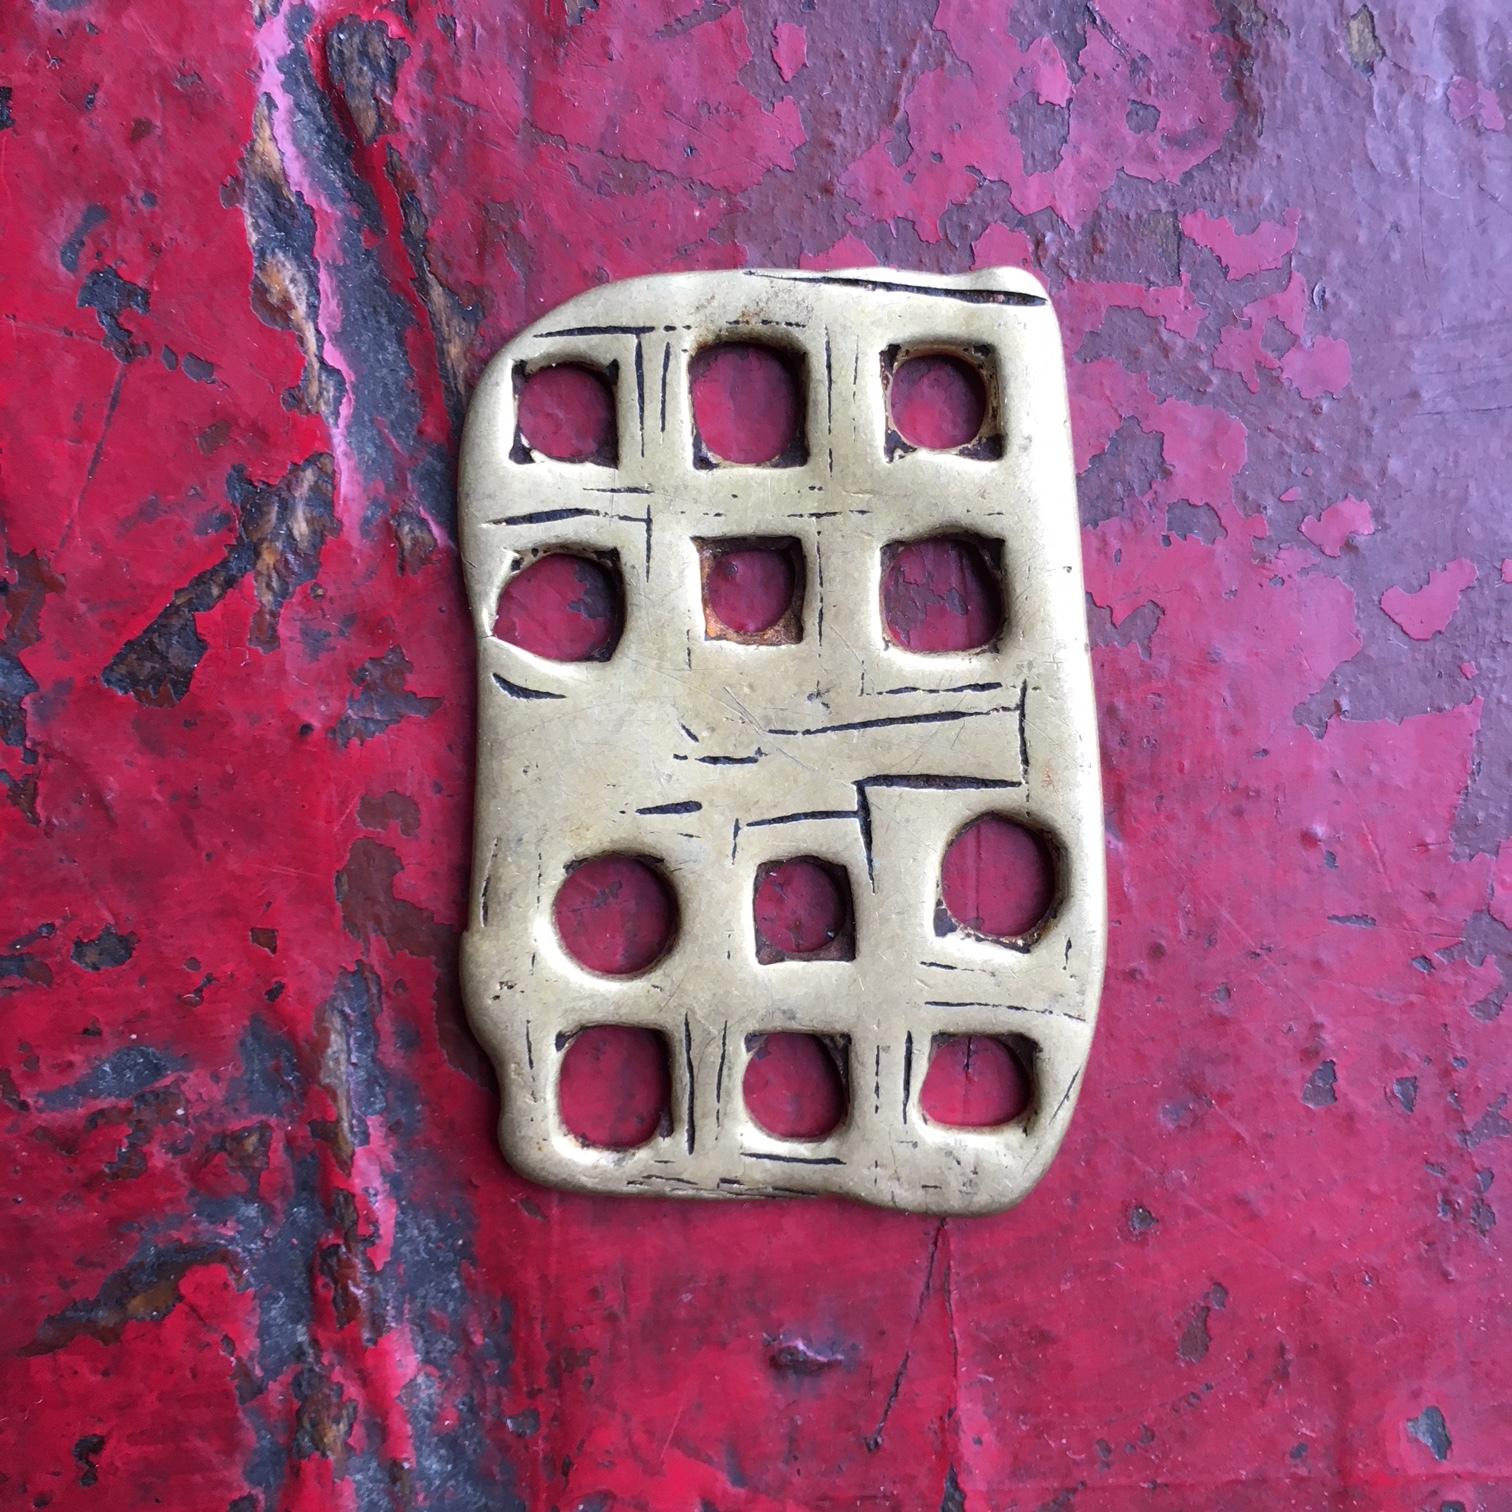 チベット護符トクチャ 変形輪廻